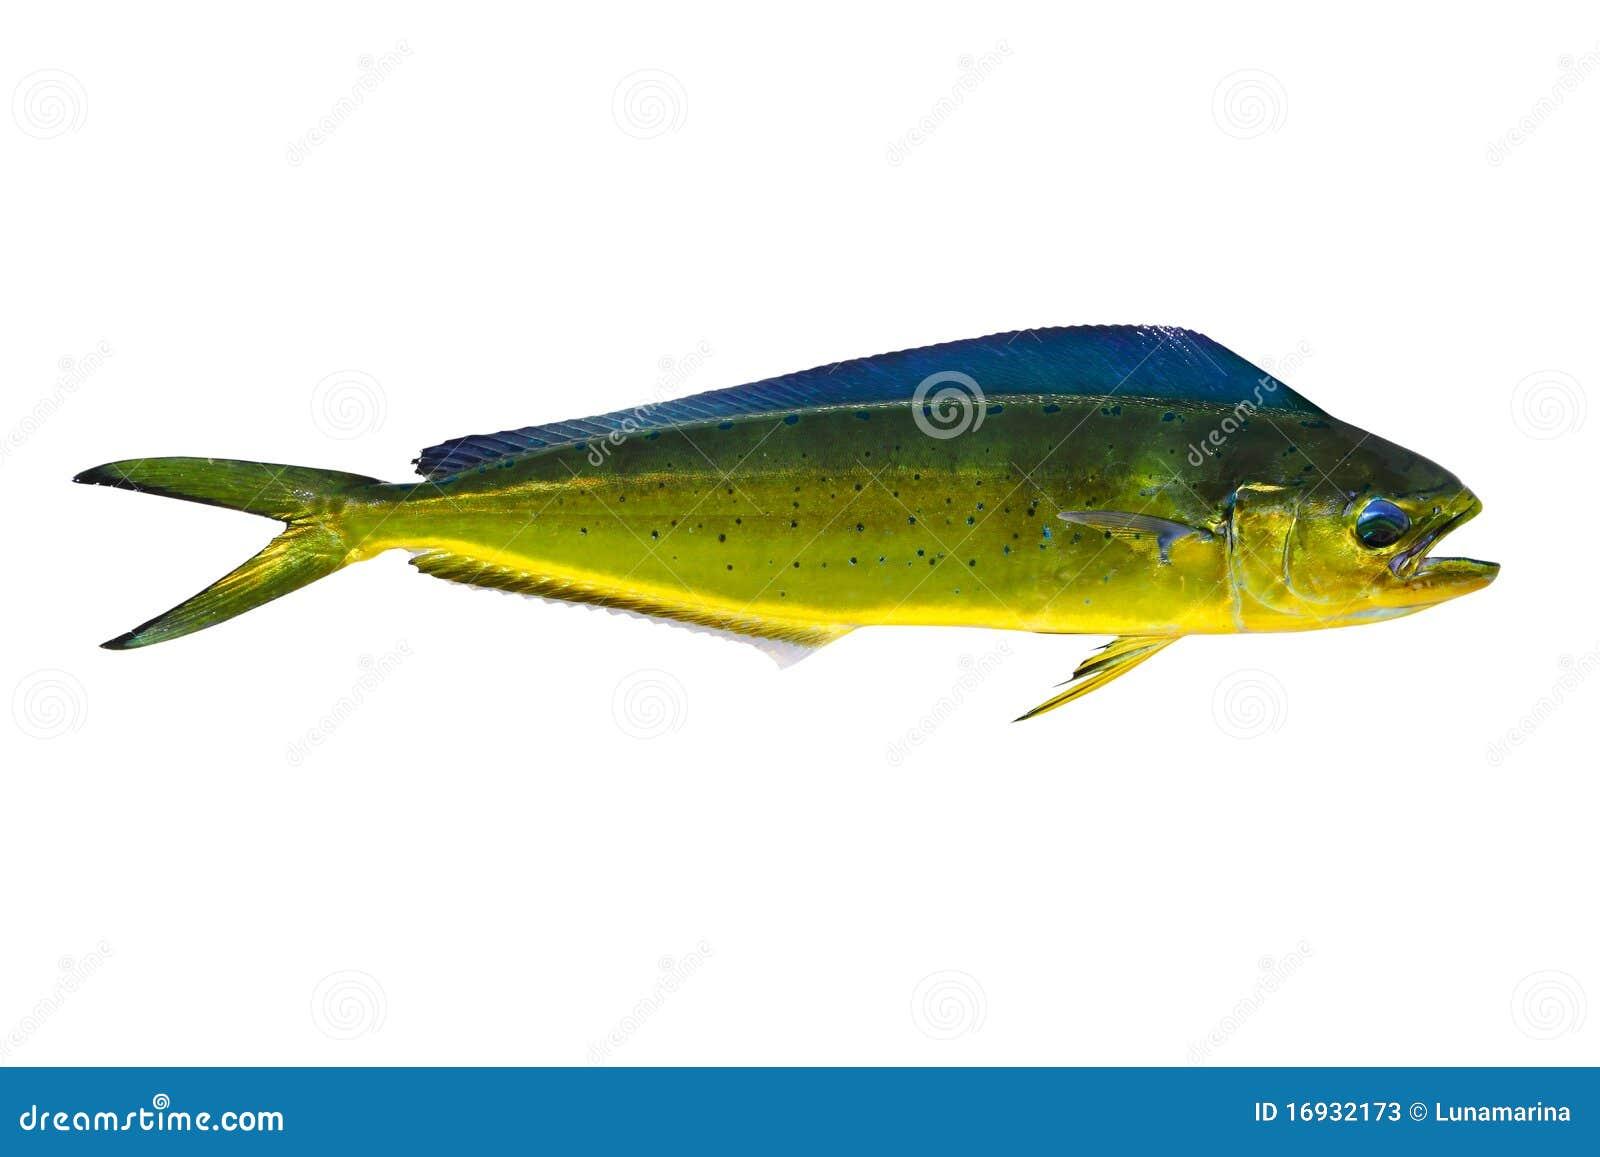 Aka dorado dolphin fish mahi mahi on white stock image for Is a dolphin a fish